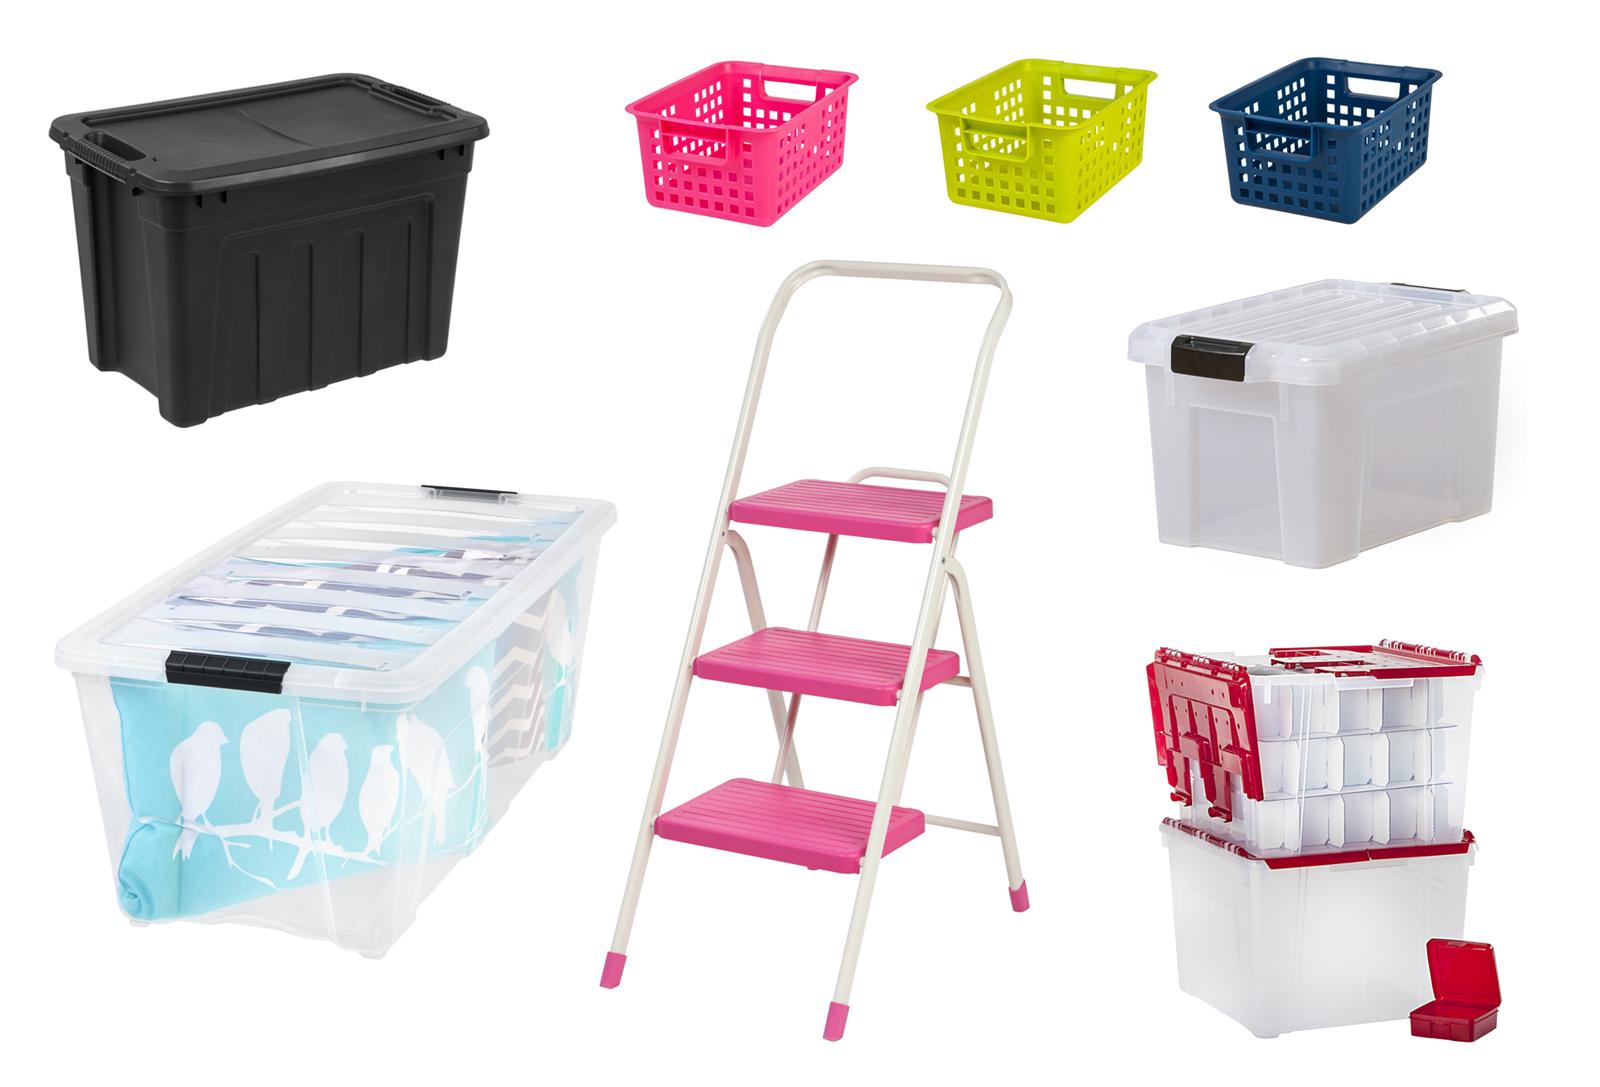 wayfair-iris-organize-bins-pretty-girly-storage-1  sc 1 st  Diana Elizabeth & Studio Storage and Organization | Diana Elizabeth